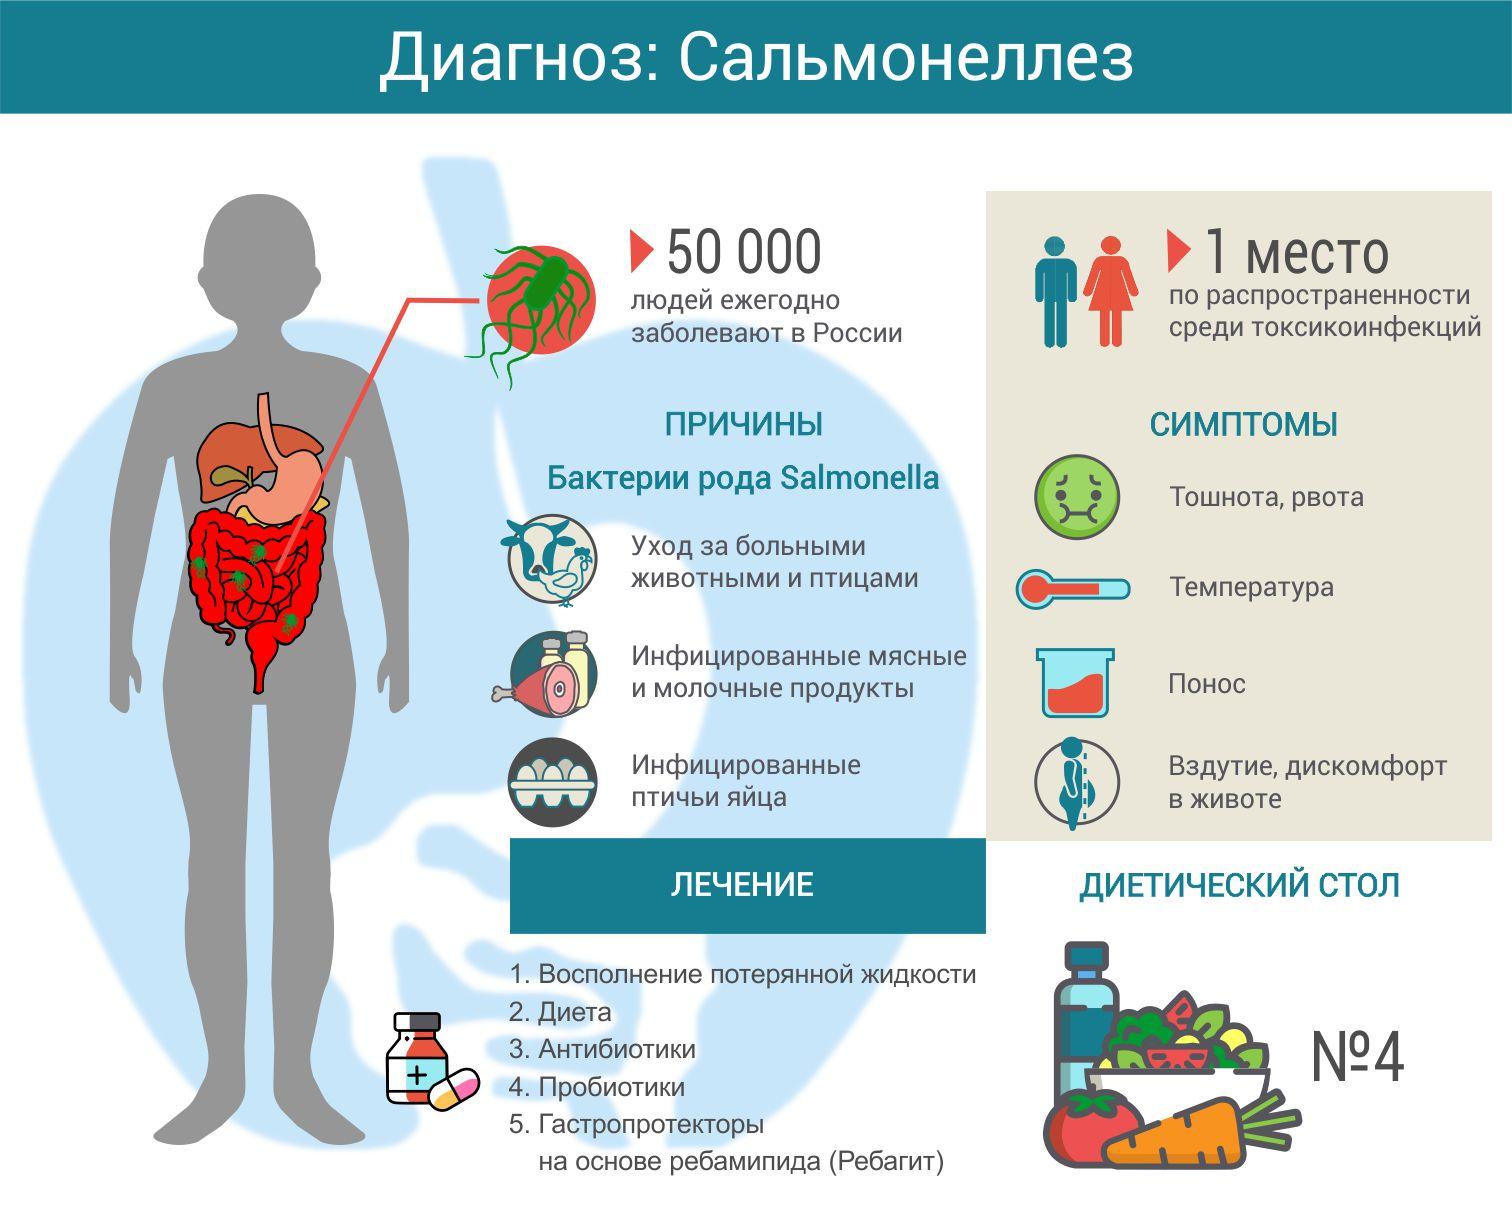 Сальмонеллез. симптомы, причины, диагностика и лечение болезни. :: polismed.com